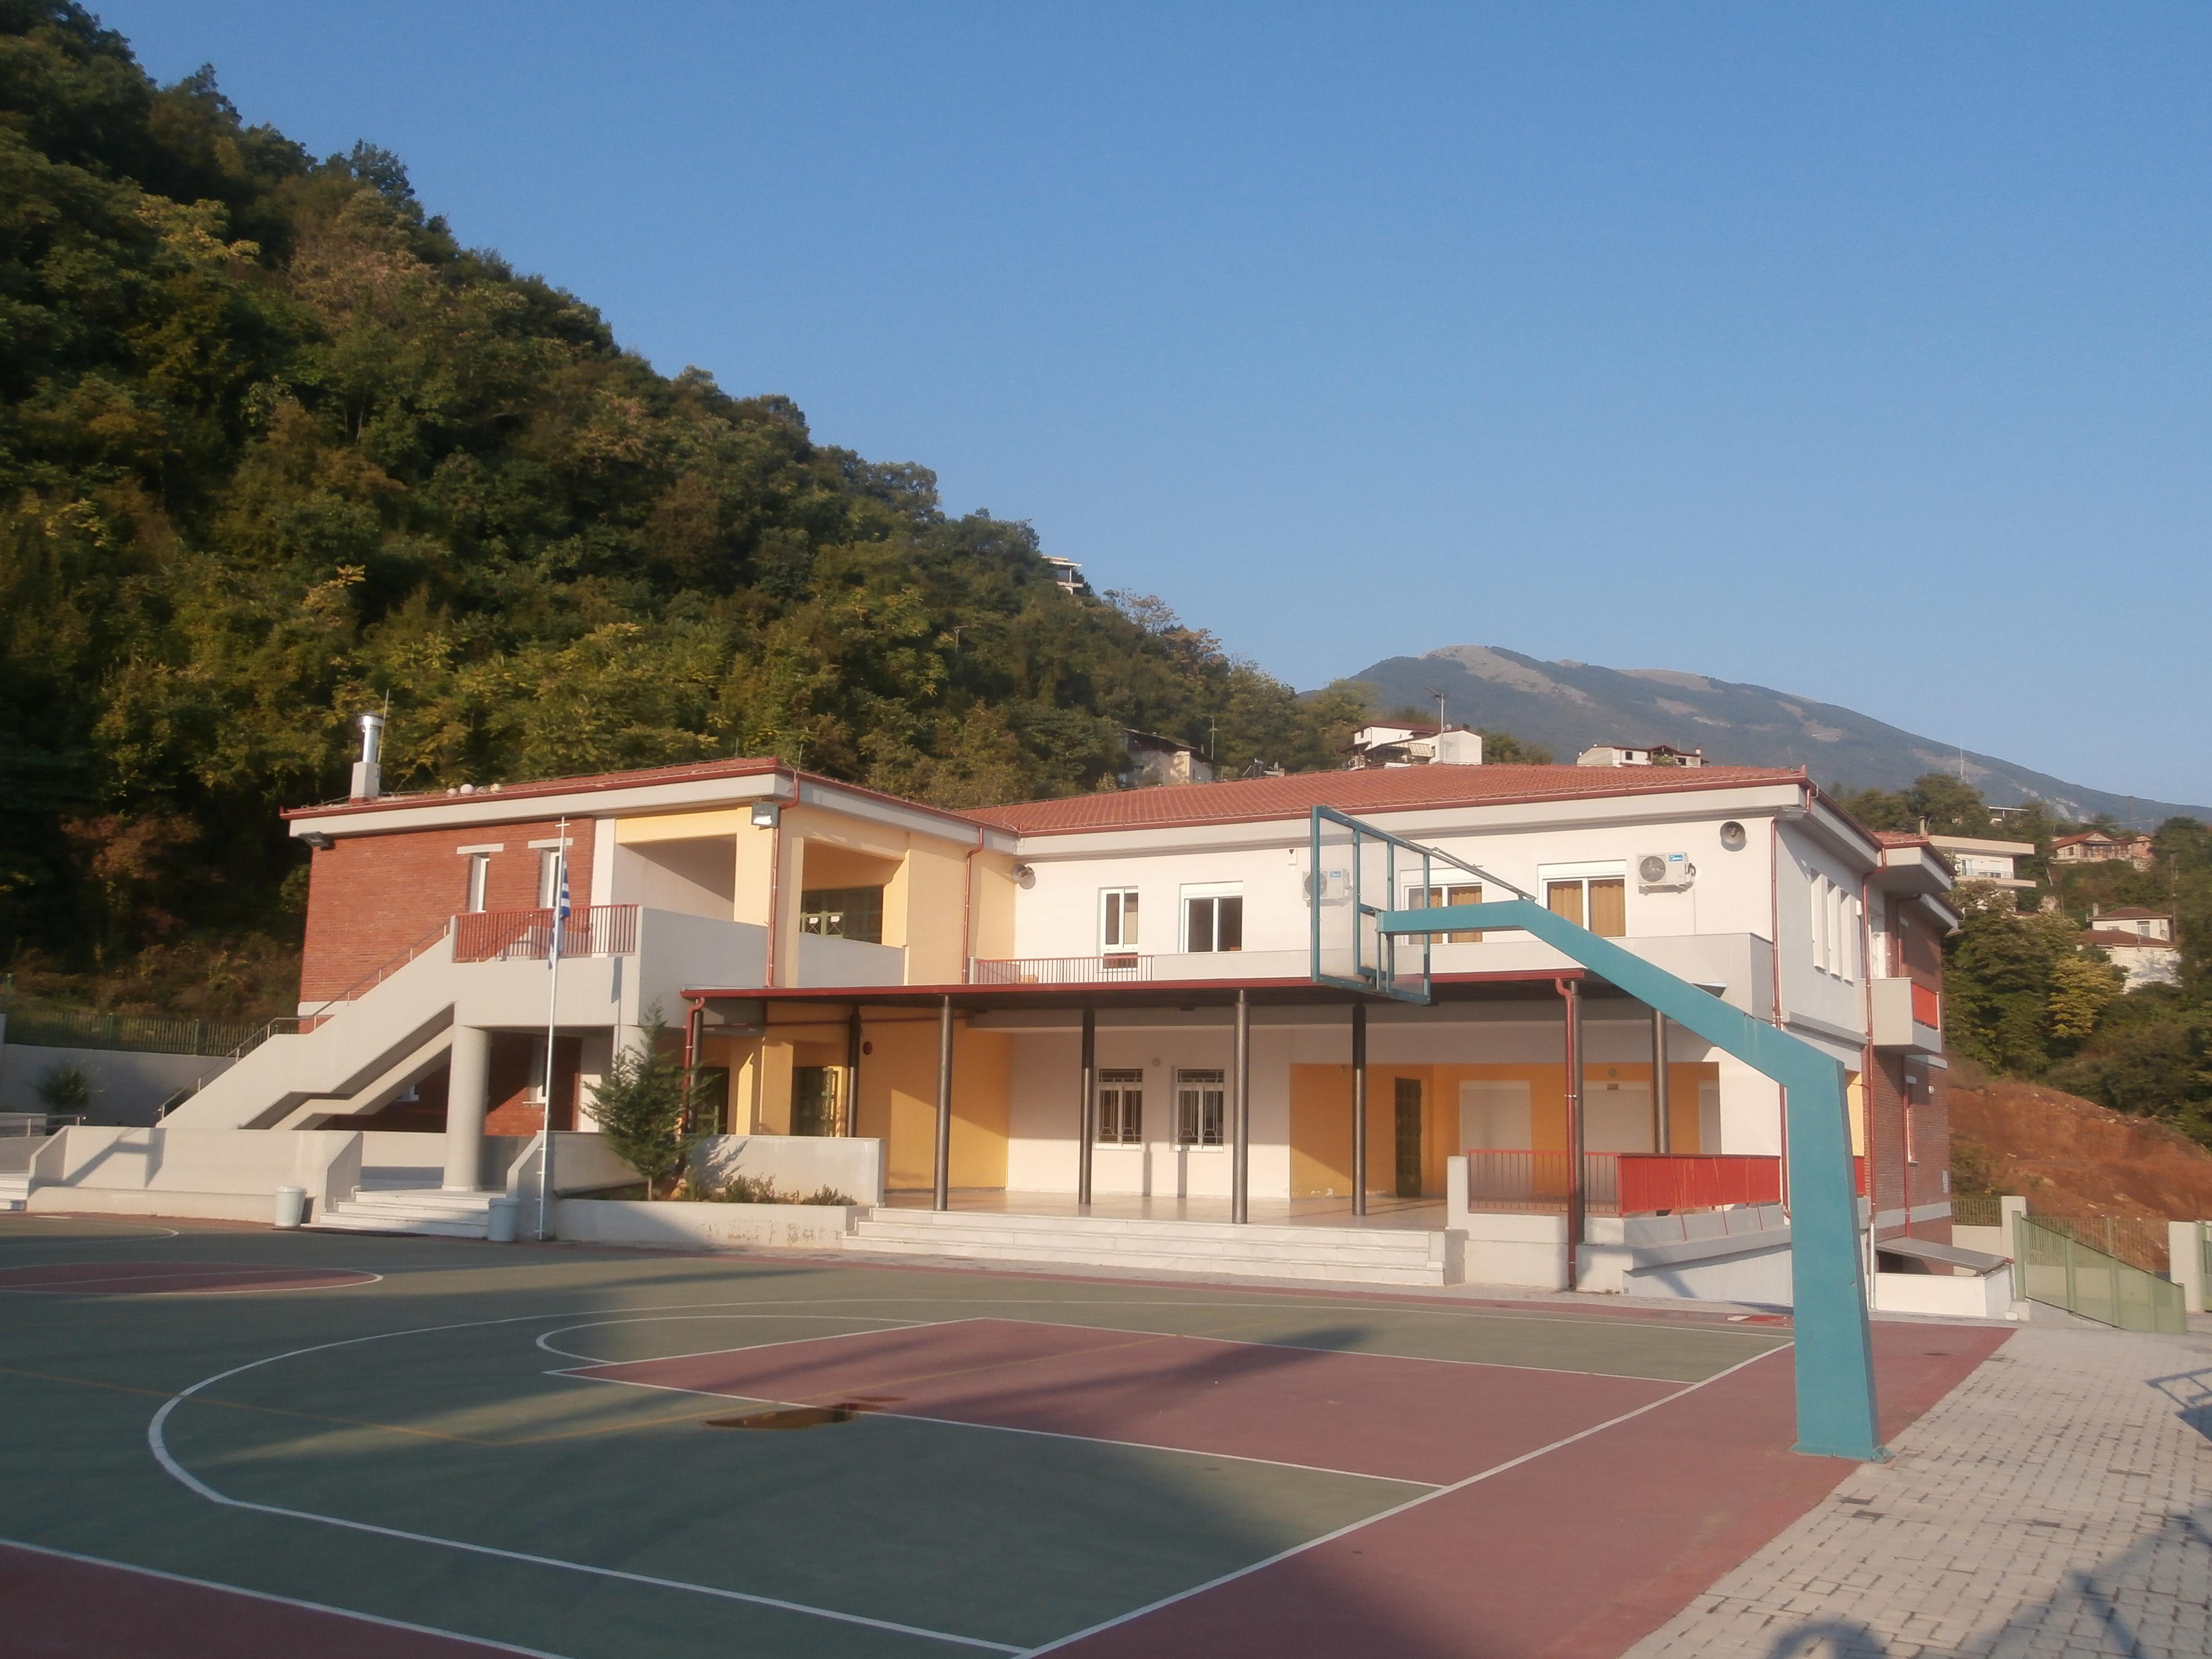 Γεωγραφικά όρια   10ου Δημοτικού Σχολείου  &   10ου Νηπιαγωγείου Νάουσας